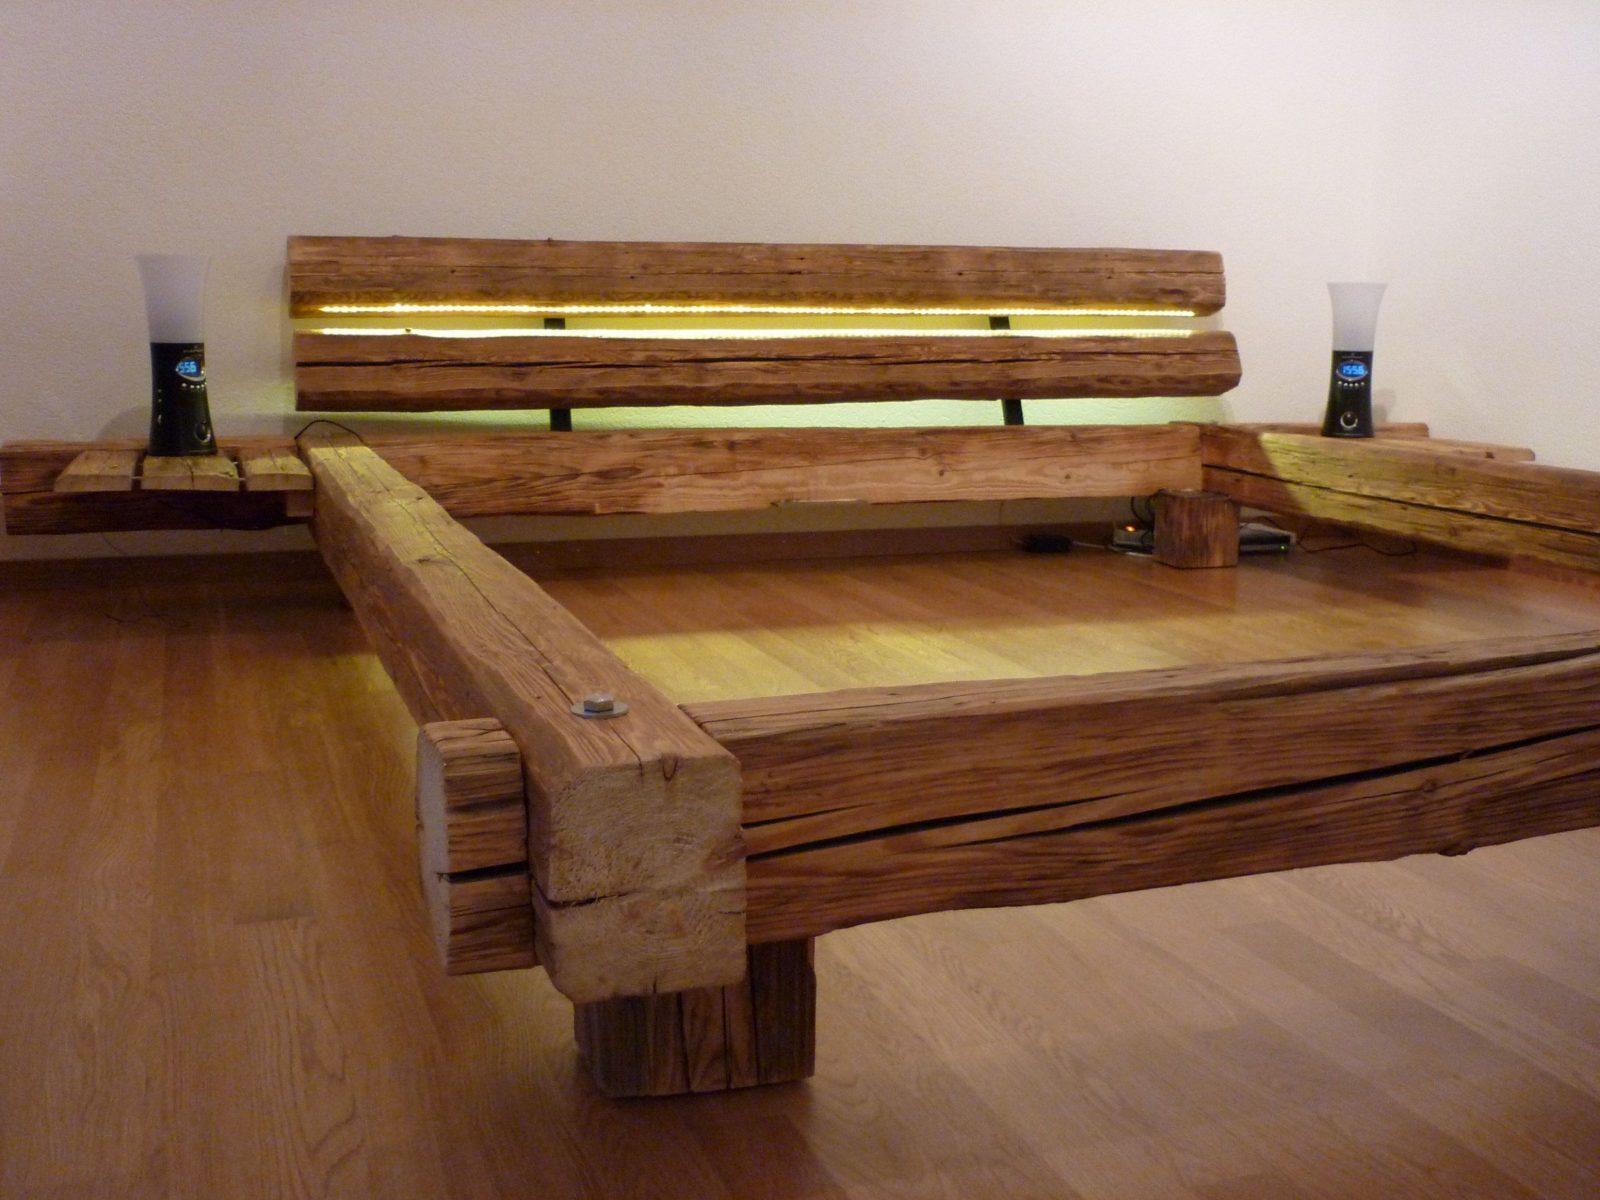 Tolle Bett Aus Massivholz  Holzmöbel  Pinterest  Bett Bauen Bett von Bett Aus Alten Holzbalken Bild